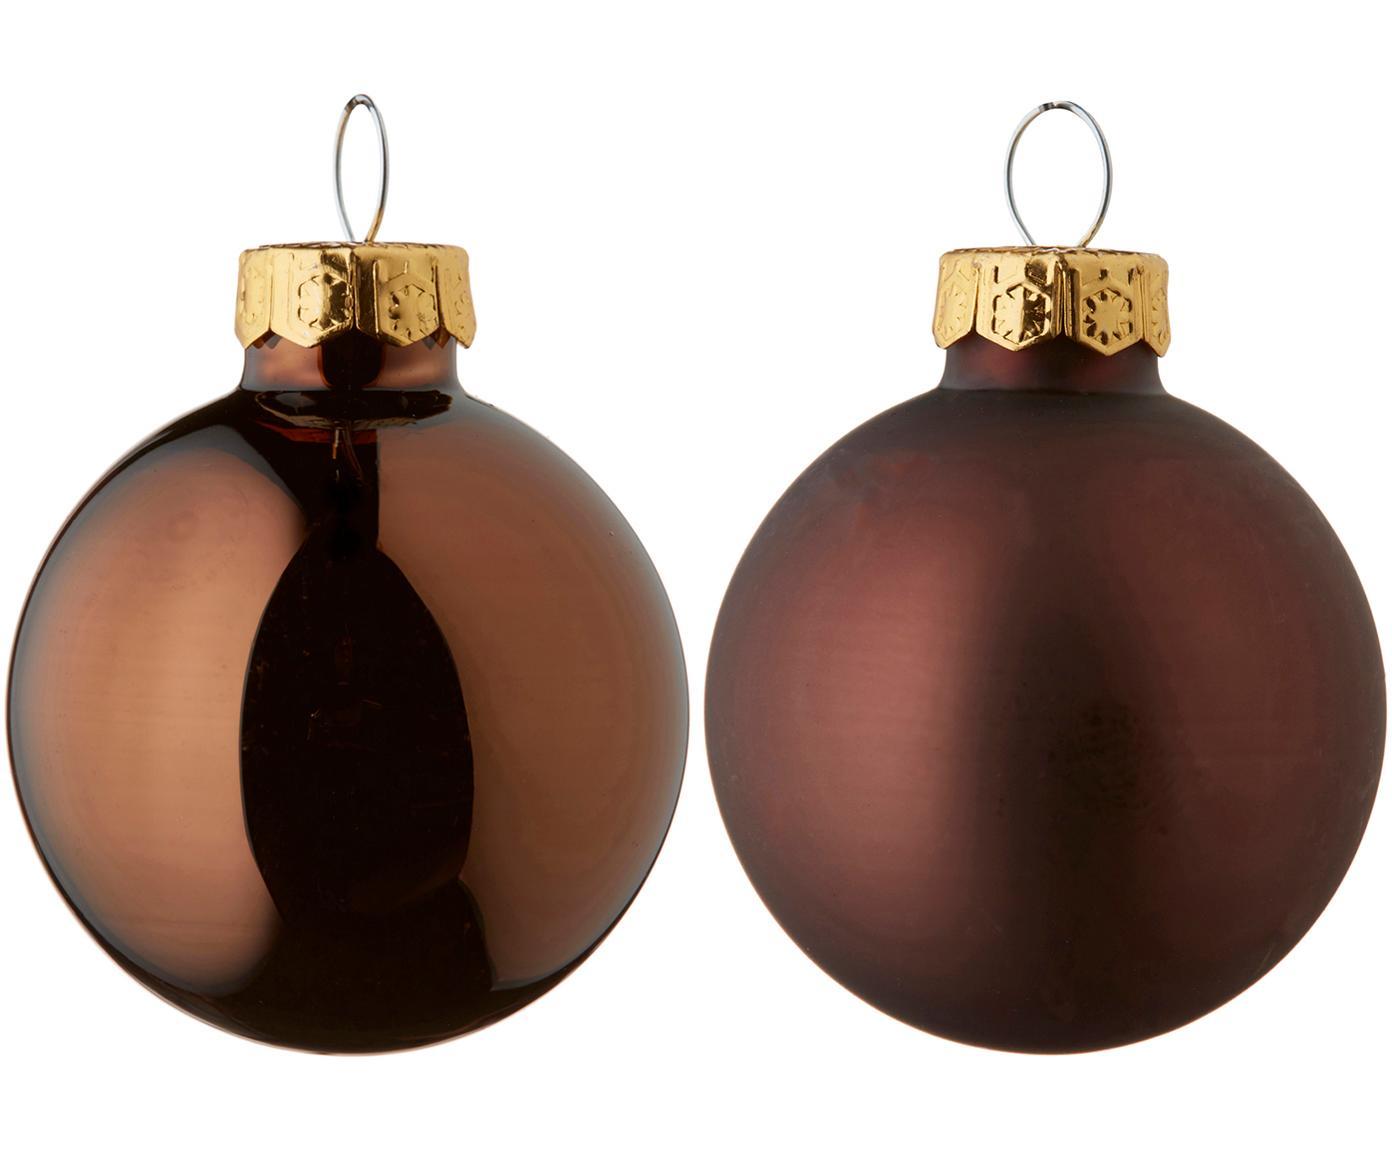 Weihnachtskugel-Set EvergreenØ6cm, 10-tlg., Dunkelbraun, Ø 6 cm